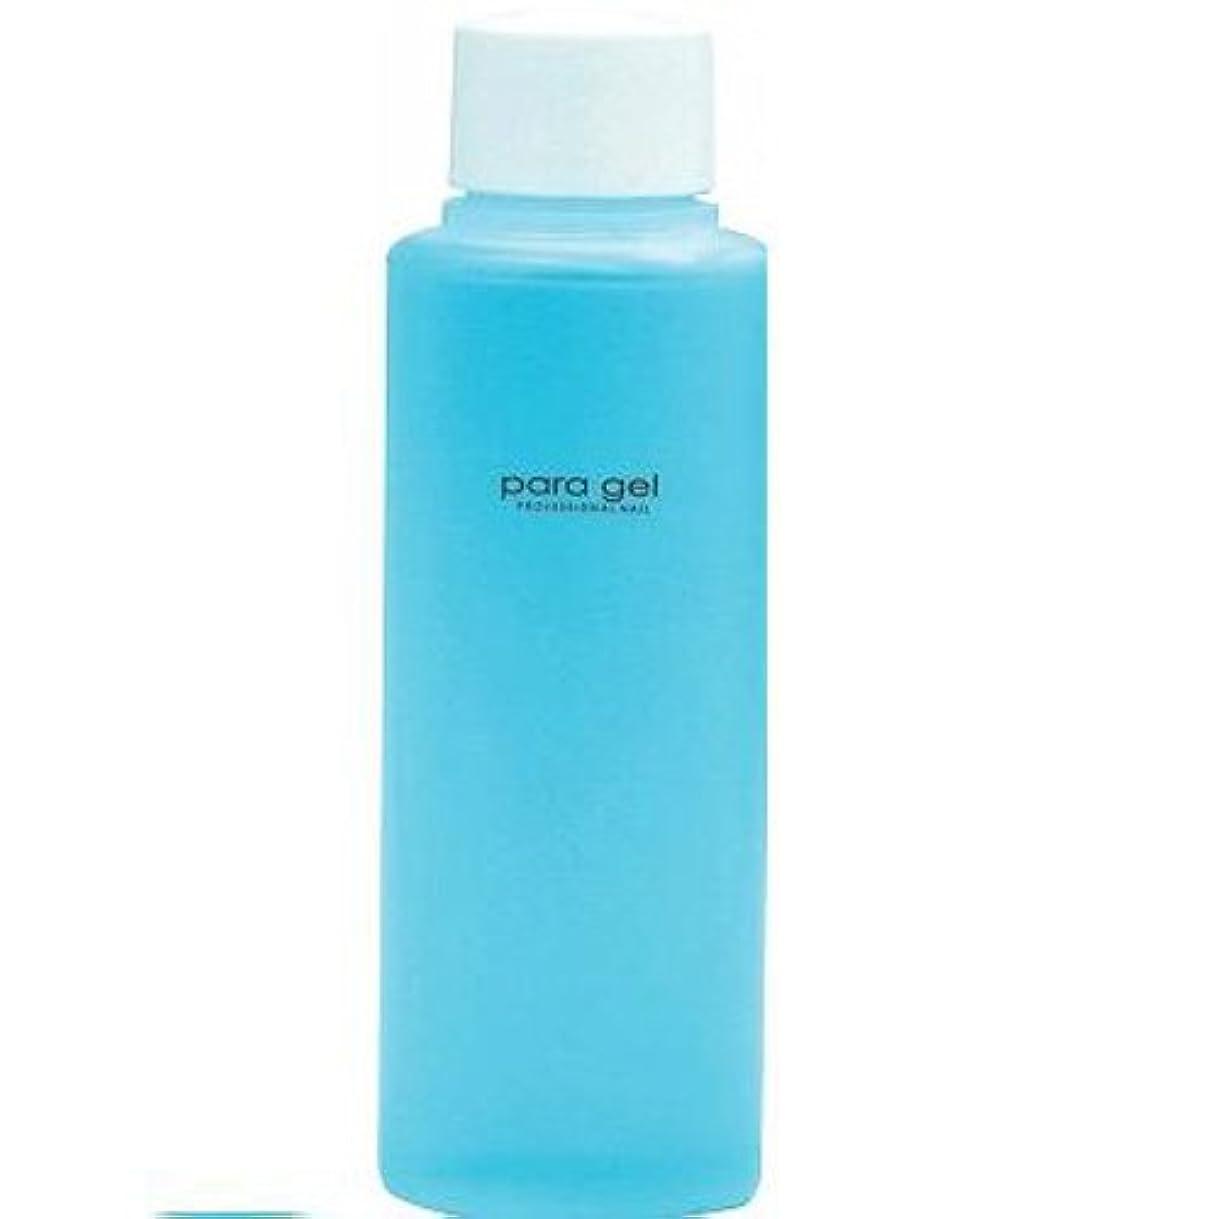 酸っぱい細いアンカーパラジェル(para gel) パラプレップ 120ml